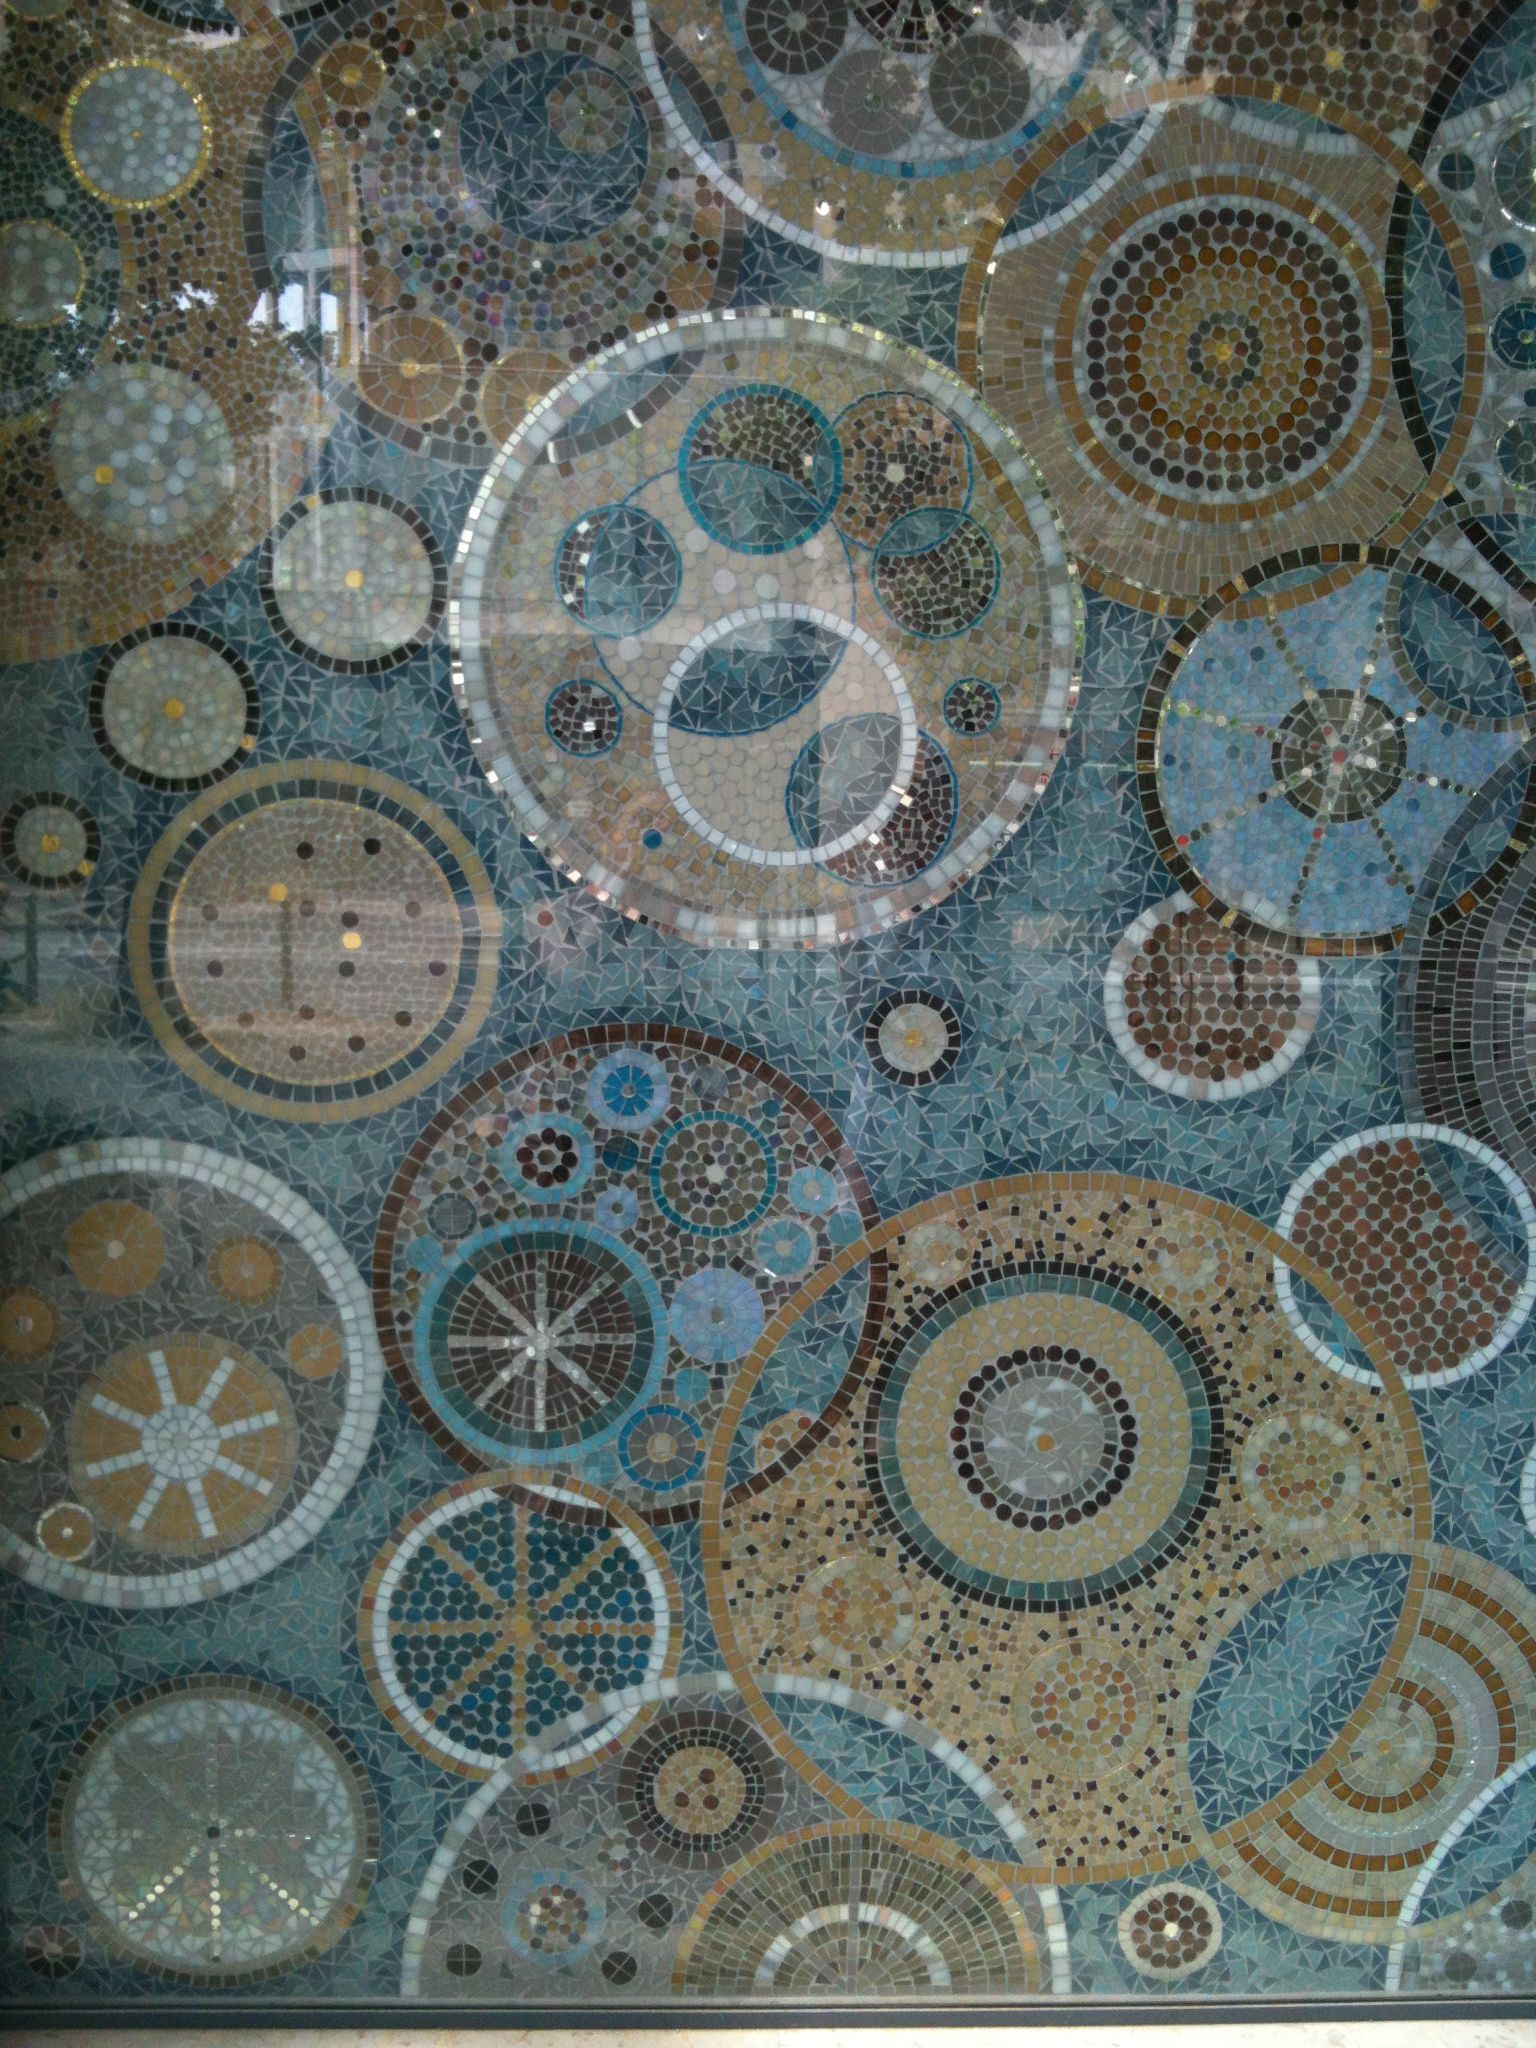 Mosaique Abstract Circles Mosaic Wall